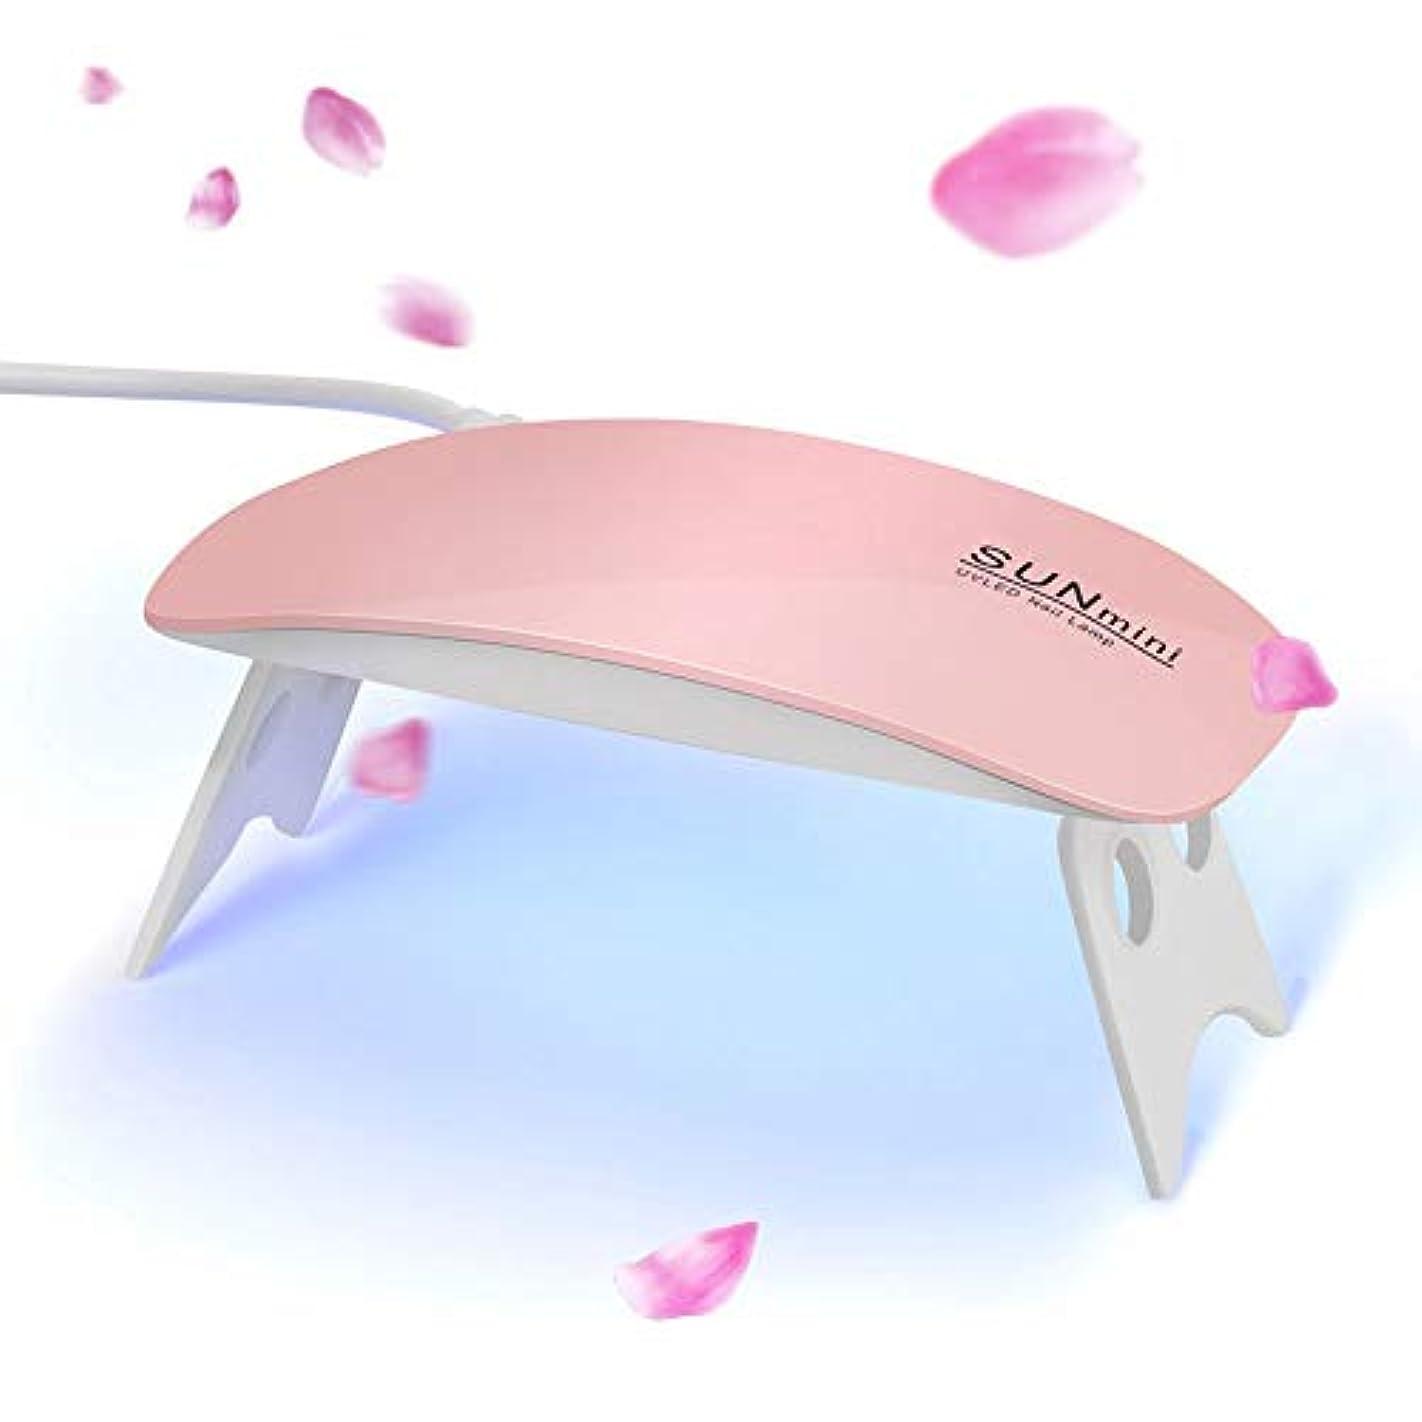 リールの量適切にLEDネイルドライヤー,KIMIHE UVライト 超ミニ USB式 ネイル用硬化ライト 2タイミング設定付き 折りたたみ式手足とも使える UV と LEDダブルライト (かわいいピンク)